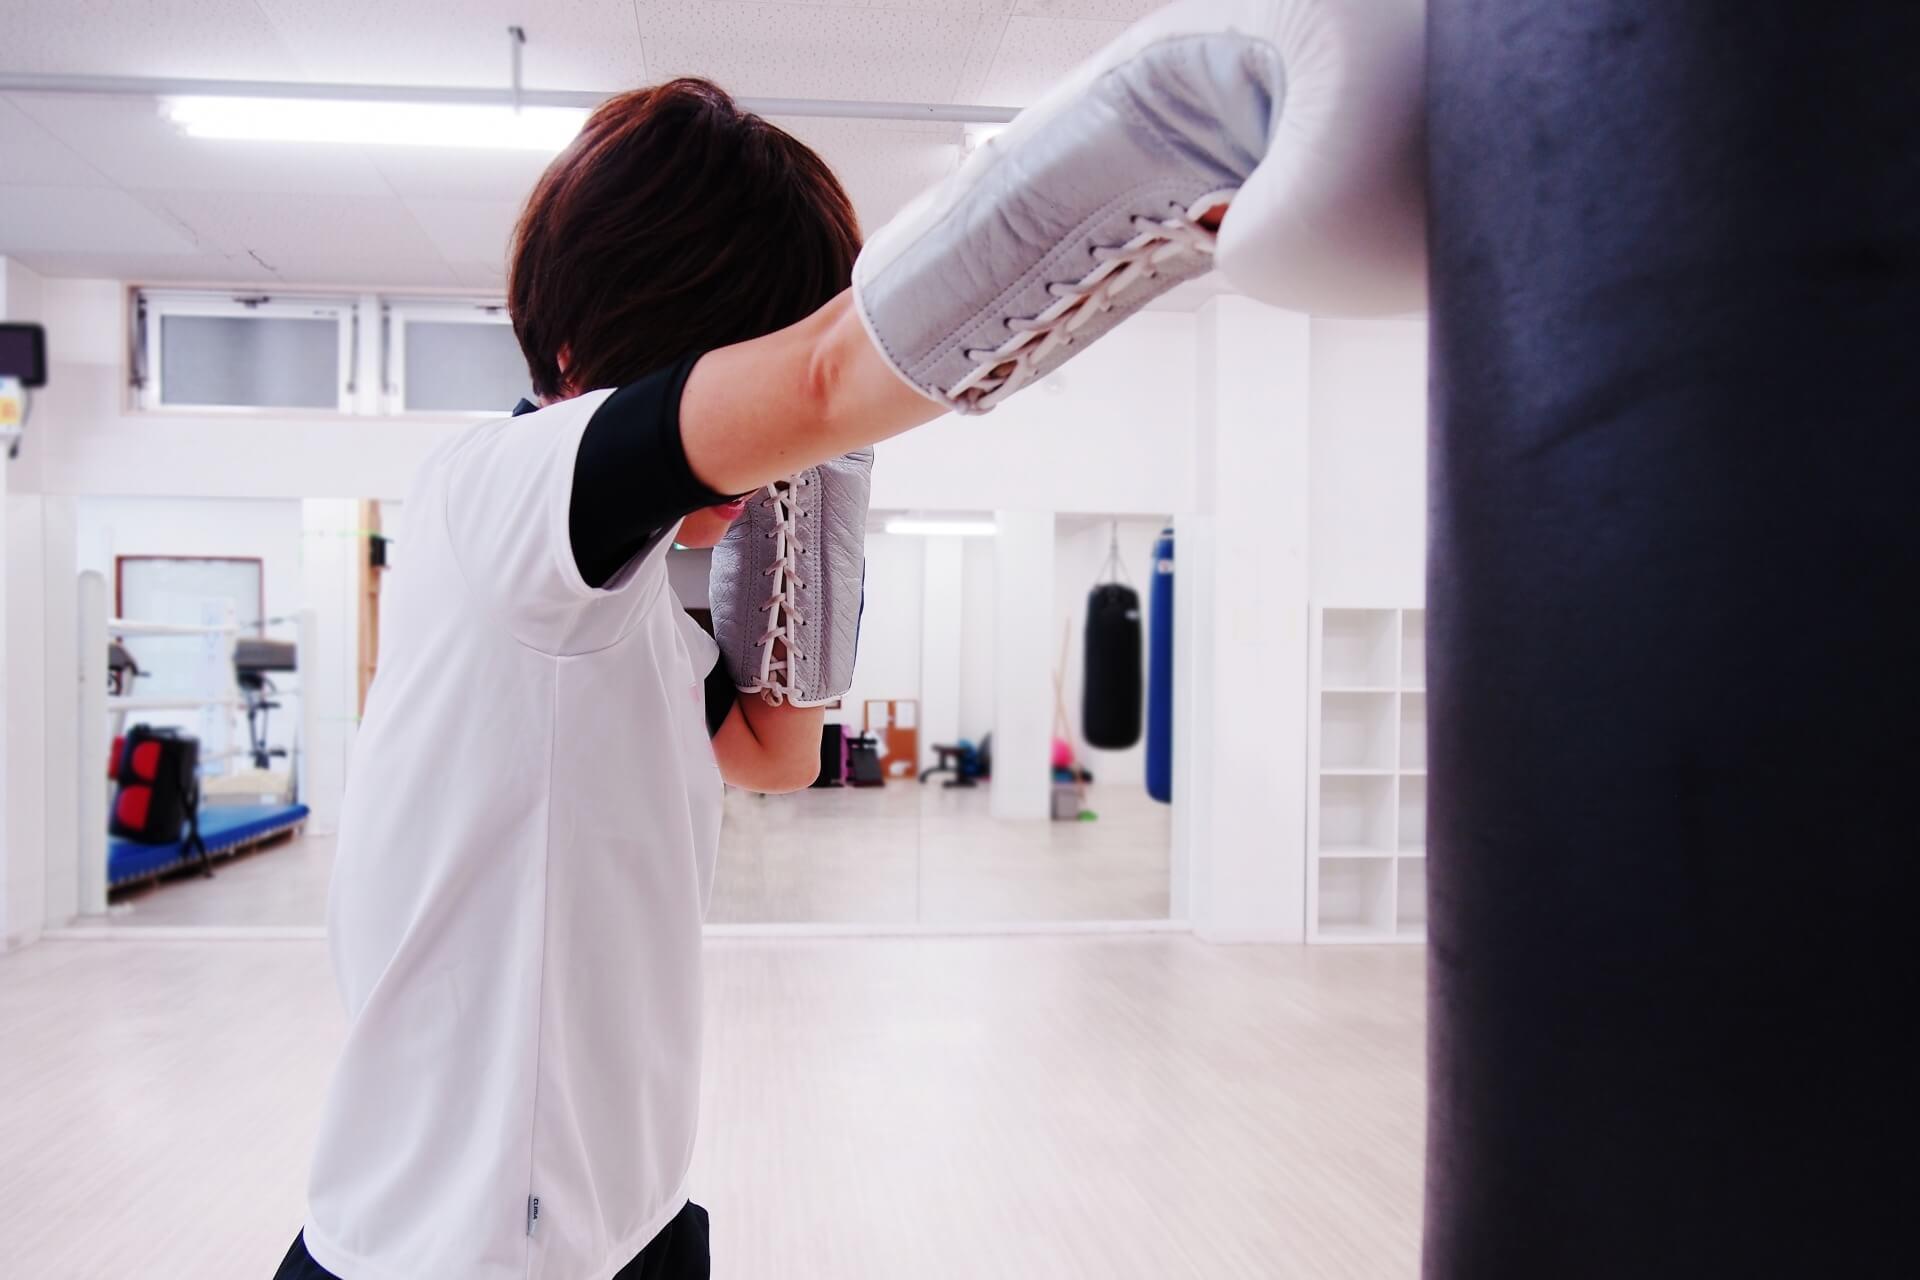 ボクシングジムの風景の写真